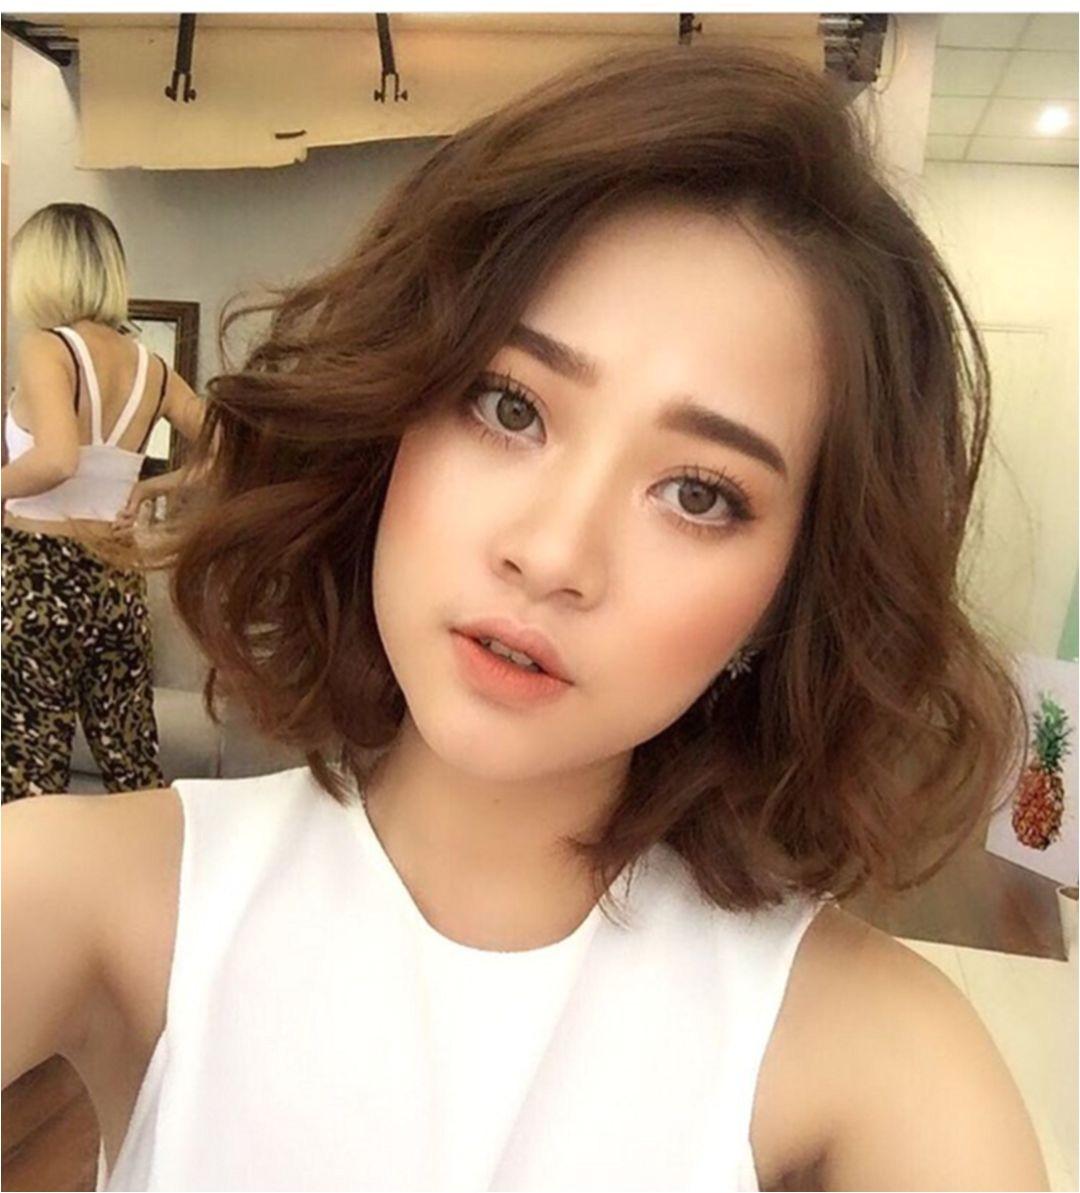 Korean Short Hairstyle for Girl Korean Hairstyle Short 6326 Hair Pinterest